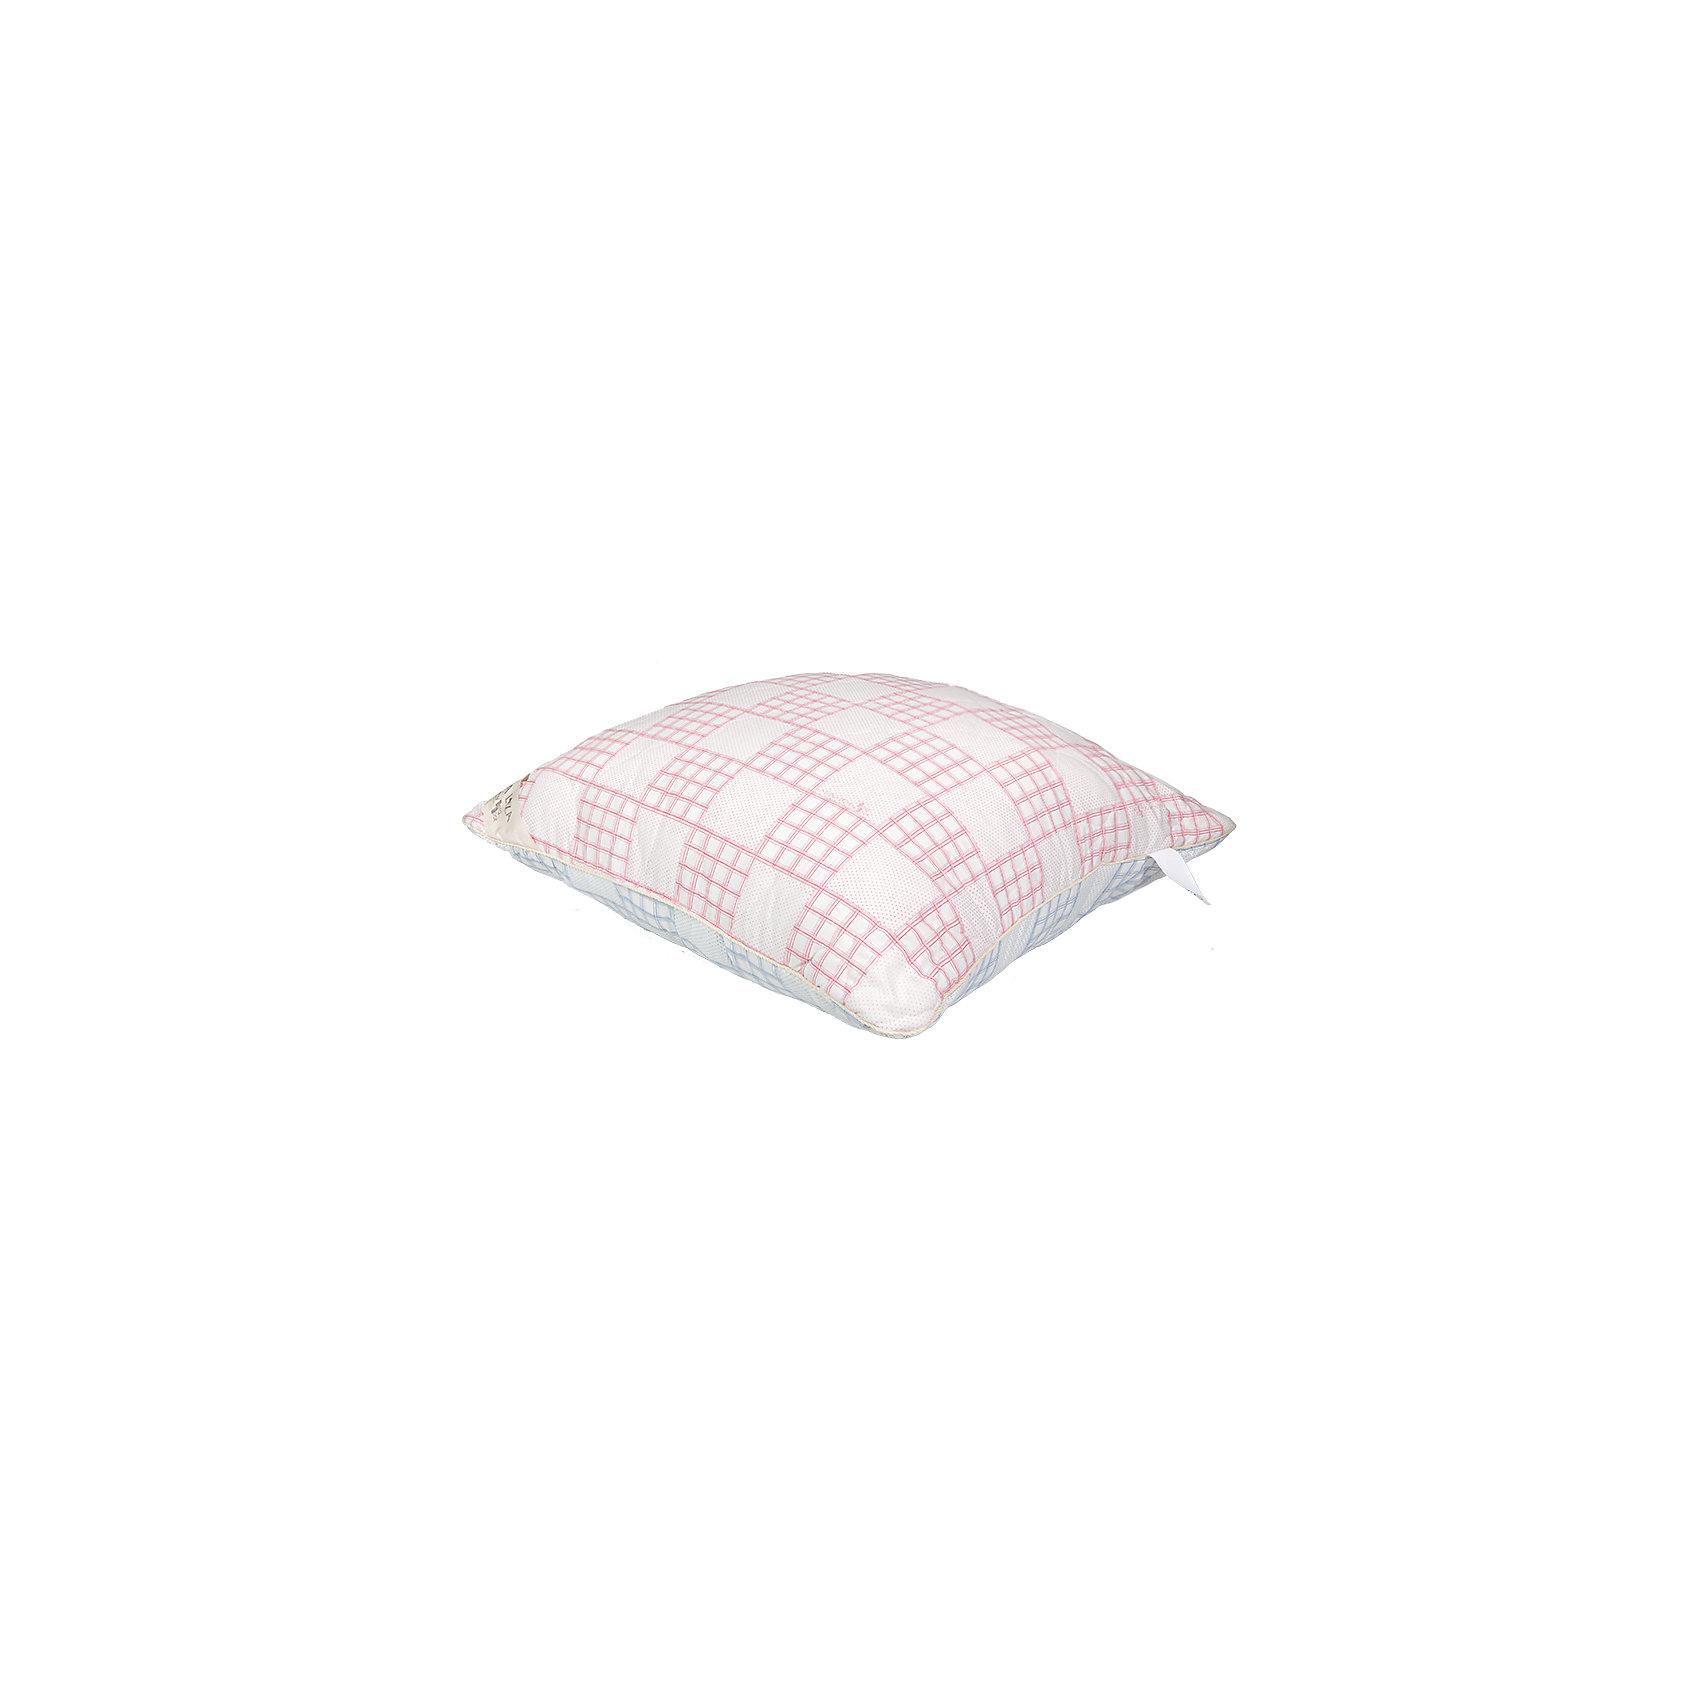 Подушка 70*70 Chalet Climat Control тик, Mona Liza, роза/грозовойДомашний текстиль<br>Характеристики:<br><br>• тёплая и прохладная стороны<br>• тёплая сторона из шерсти<br>• прохладная сторона из растительных волокон<br>• размер подушки: 70х70 см<br>• наполнитель: искусственный пух<br>• размер упаковки: 70х20х70 см<br>• вес: 1300 грамм<br><br>Подушка Chalet Climat Control обеспечит вам комфортный отдых в любое время года. Подушка имеет две стороны - тёплая и прохладная. Теплая сторона согреет вас зимой, а прохладная защитит от перегрева в жару. Розовый цвет подушки относится к тёплой стороне, а синий - к холодной. <br><br>Подушка легко восстанавливает форму и хорошо поддается чистке. Высококачественные материалы гарантируют долгий срок службы подушки.  Внутренний наполнитель, придающий подушке упругость, хорошо поддерживает голову и шею. Приятный верхний материал обеспечит вам комфорт во время сна.<br><br>Подушку 70*70 Chalet Climat Control тик, Mona Liza (Мона Лиза), роза/грозовой вы можете купить в нашем интернет-магазине.<br><br>Ширина мм: 700<br>Глубина мм: 200<br>Высота мм: 700<br>Вес г: 1300<br>Возраст от месяцев: 84<br>Возраст до месяцев: 600<br>Пол: Унисекс<br>Возраст: Детский<br>SKU: 6765306